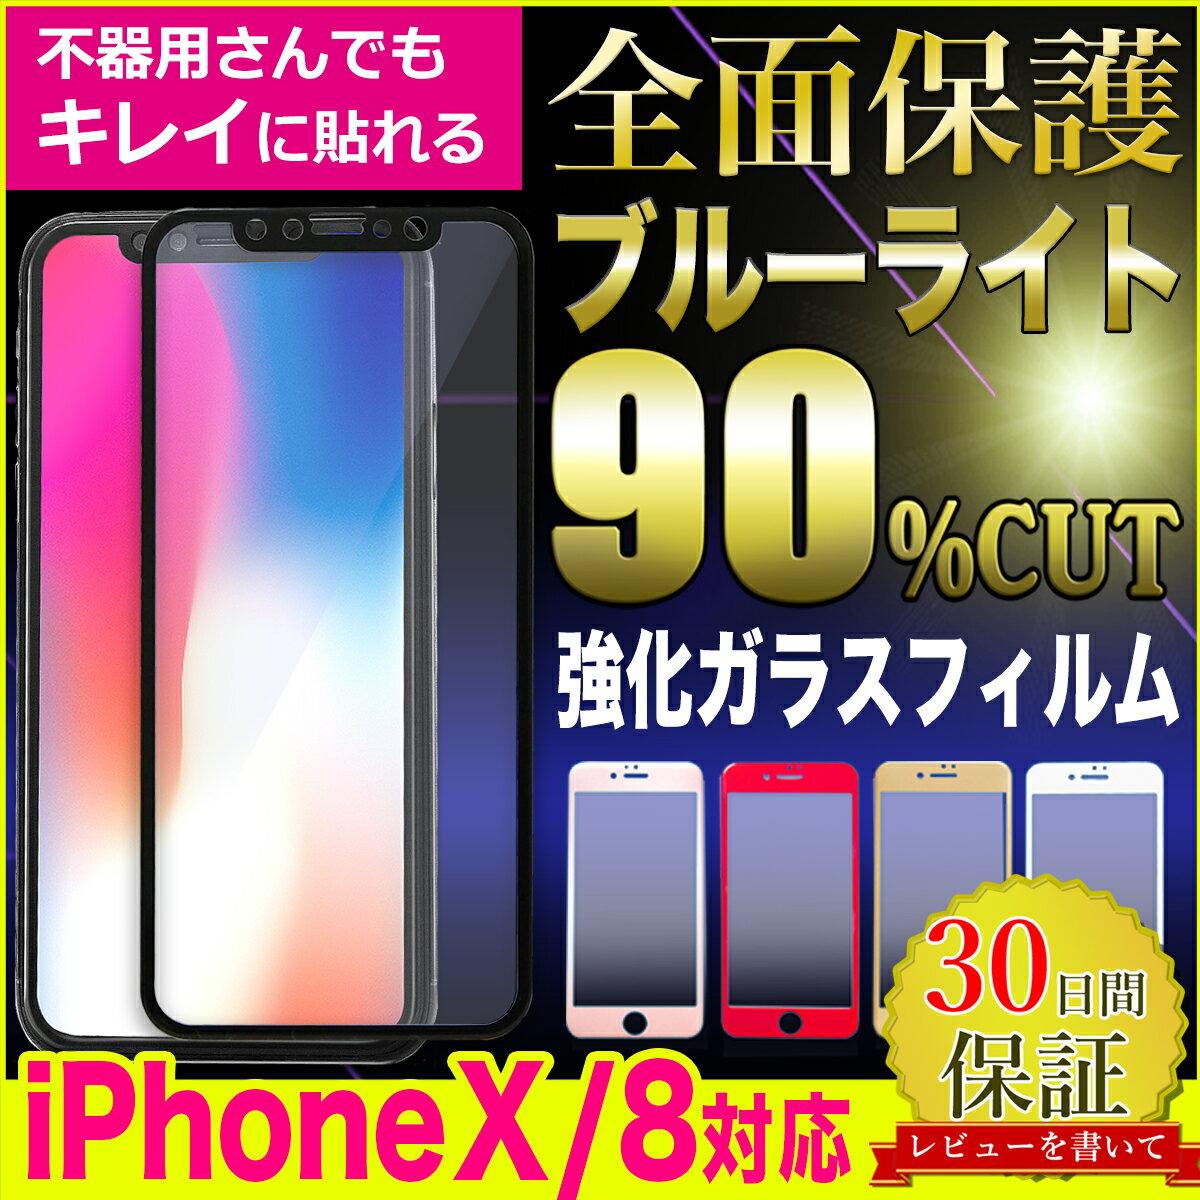 全面保護 3D 9H ブルーライトカット 強化ガラスフィルム iPhoneX Xs R Xs Max iPhone8 iPhone8plus iPhone7 iPhone6s iPhone6 plus 強化ガラスフィルム 傷防止、超高硬度、ラウンドエッジ、高透過率、極薄0.2mm、炭素繊維+9Hガラス